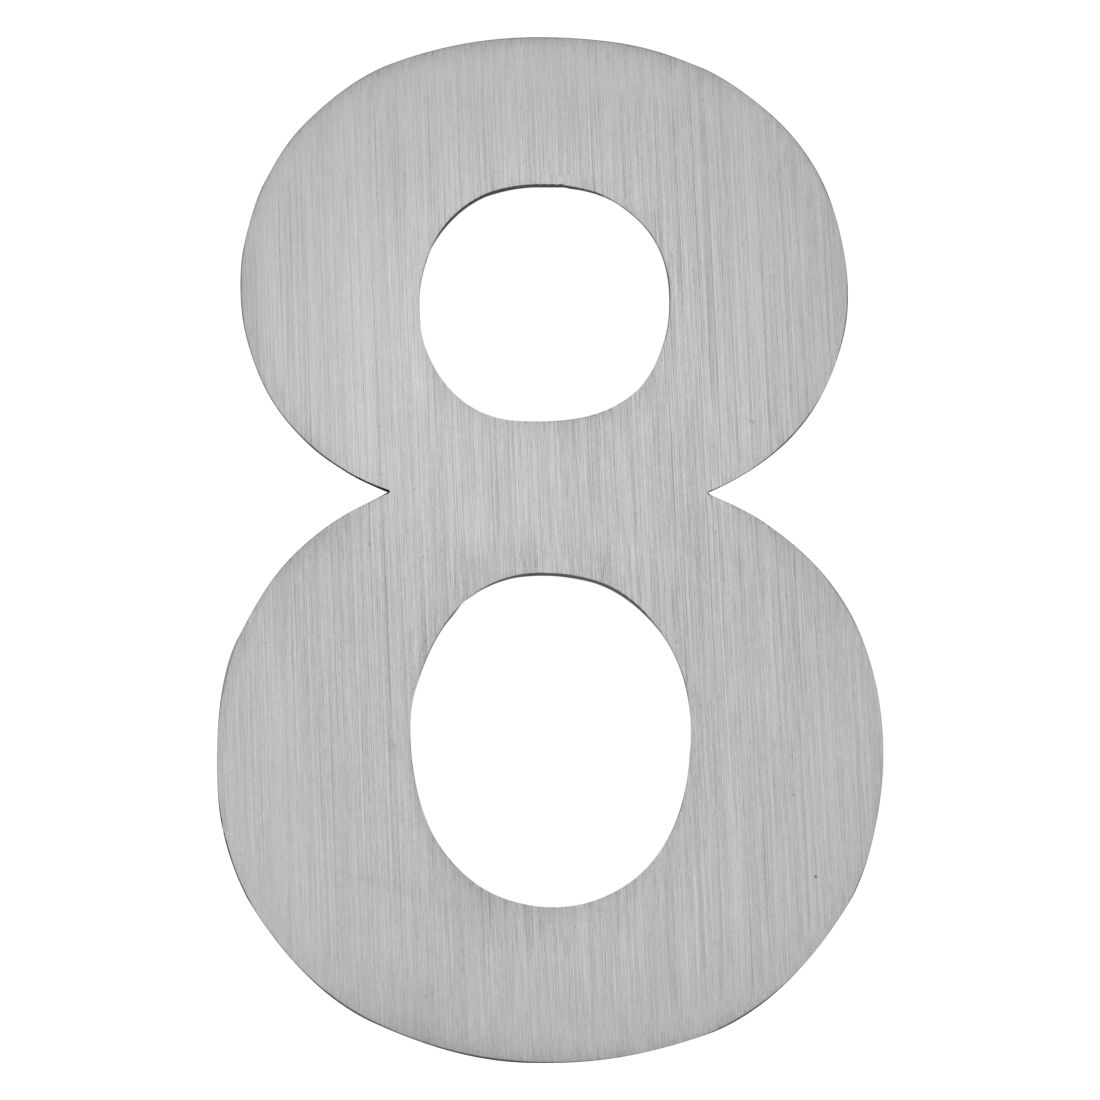 Hausnummer zum Aufkleben 8 - Matt Gebürstet Edelstahl Matt Gebürstet Silber, Serafini